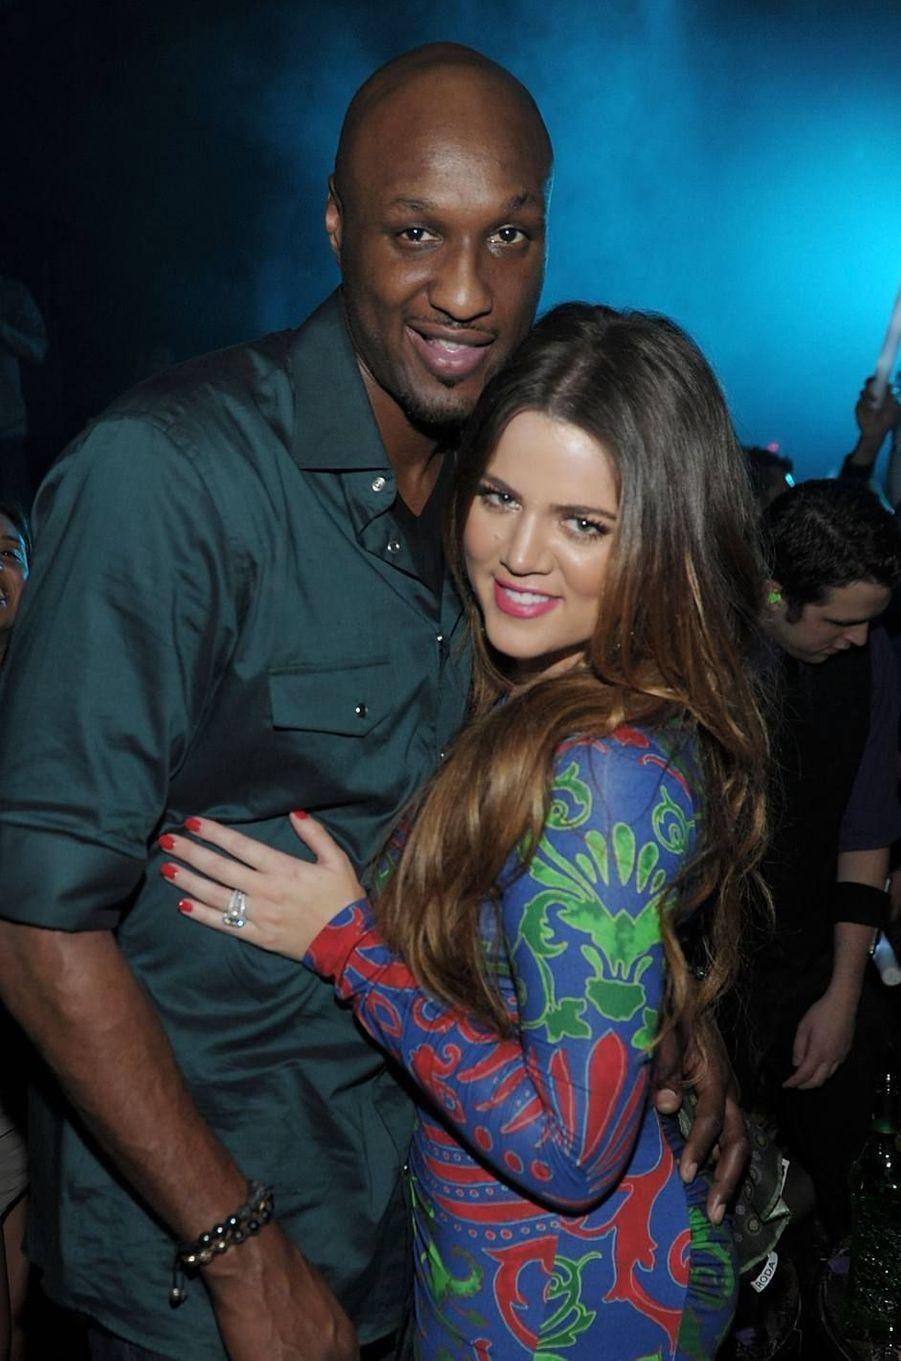 Khloé Kardashian (ici avec Lamar Odom en 2011) : la cadette du clan a été trompée et humiliée de nombreuses fois par le basketteur (jusqu'à son overdose dans une maison close en 2015) avant d'obtenir le divorce en 2016.